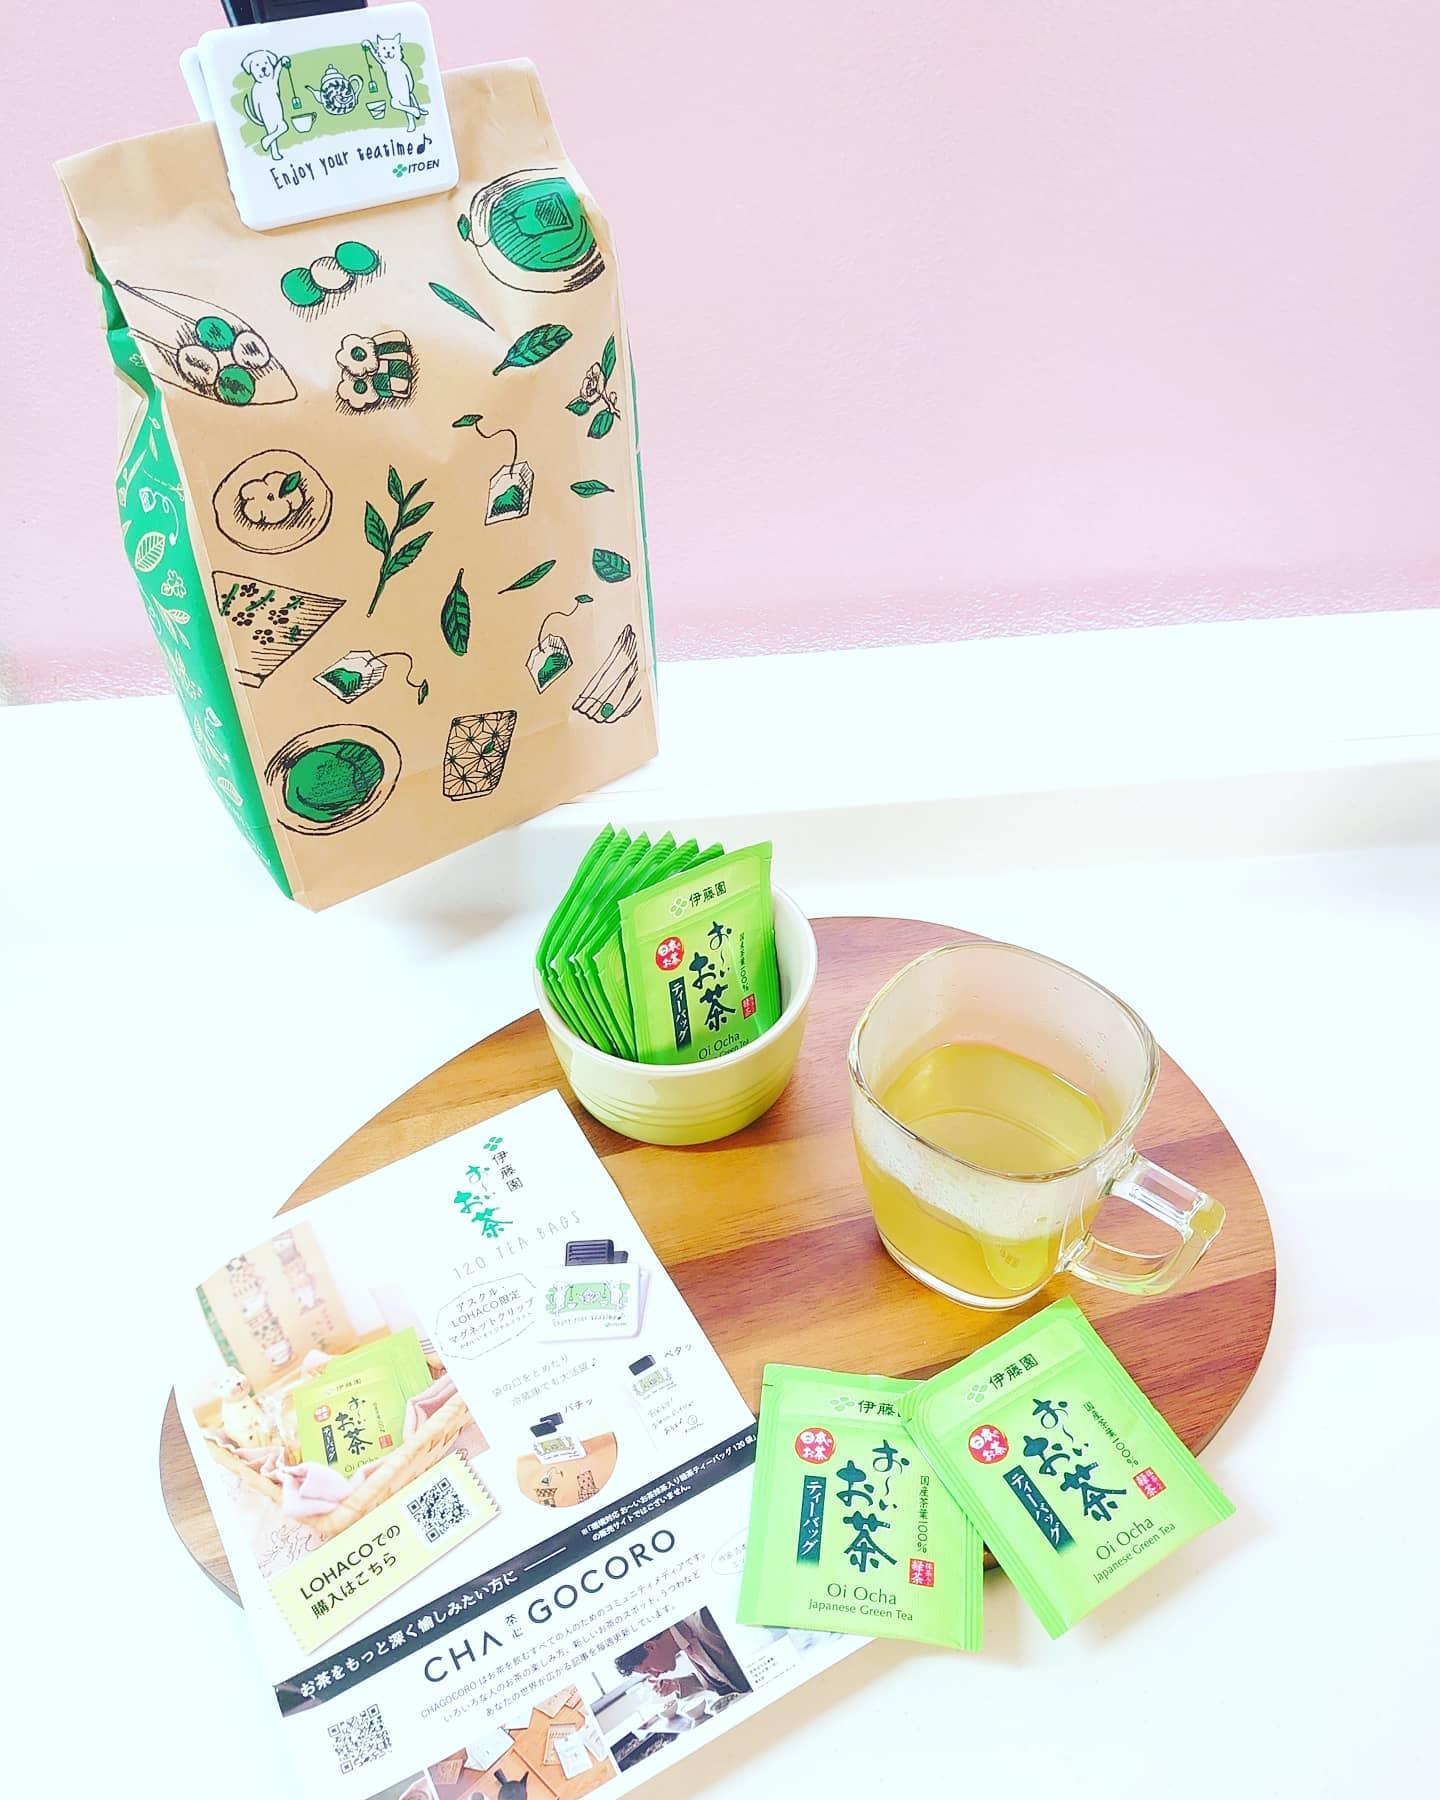 口コミ投稿:アスクル株式会社さんの伊藤園おーいお茶緑茶を飲んでみました🍵..エコ対応の「伊藤園…